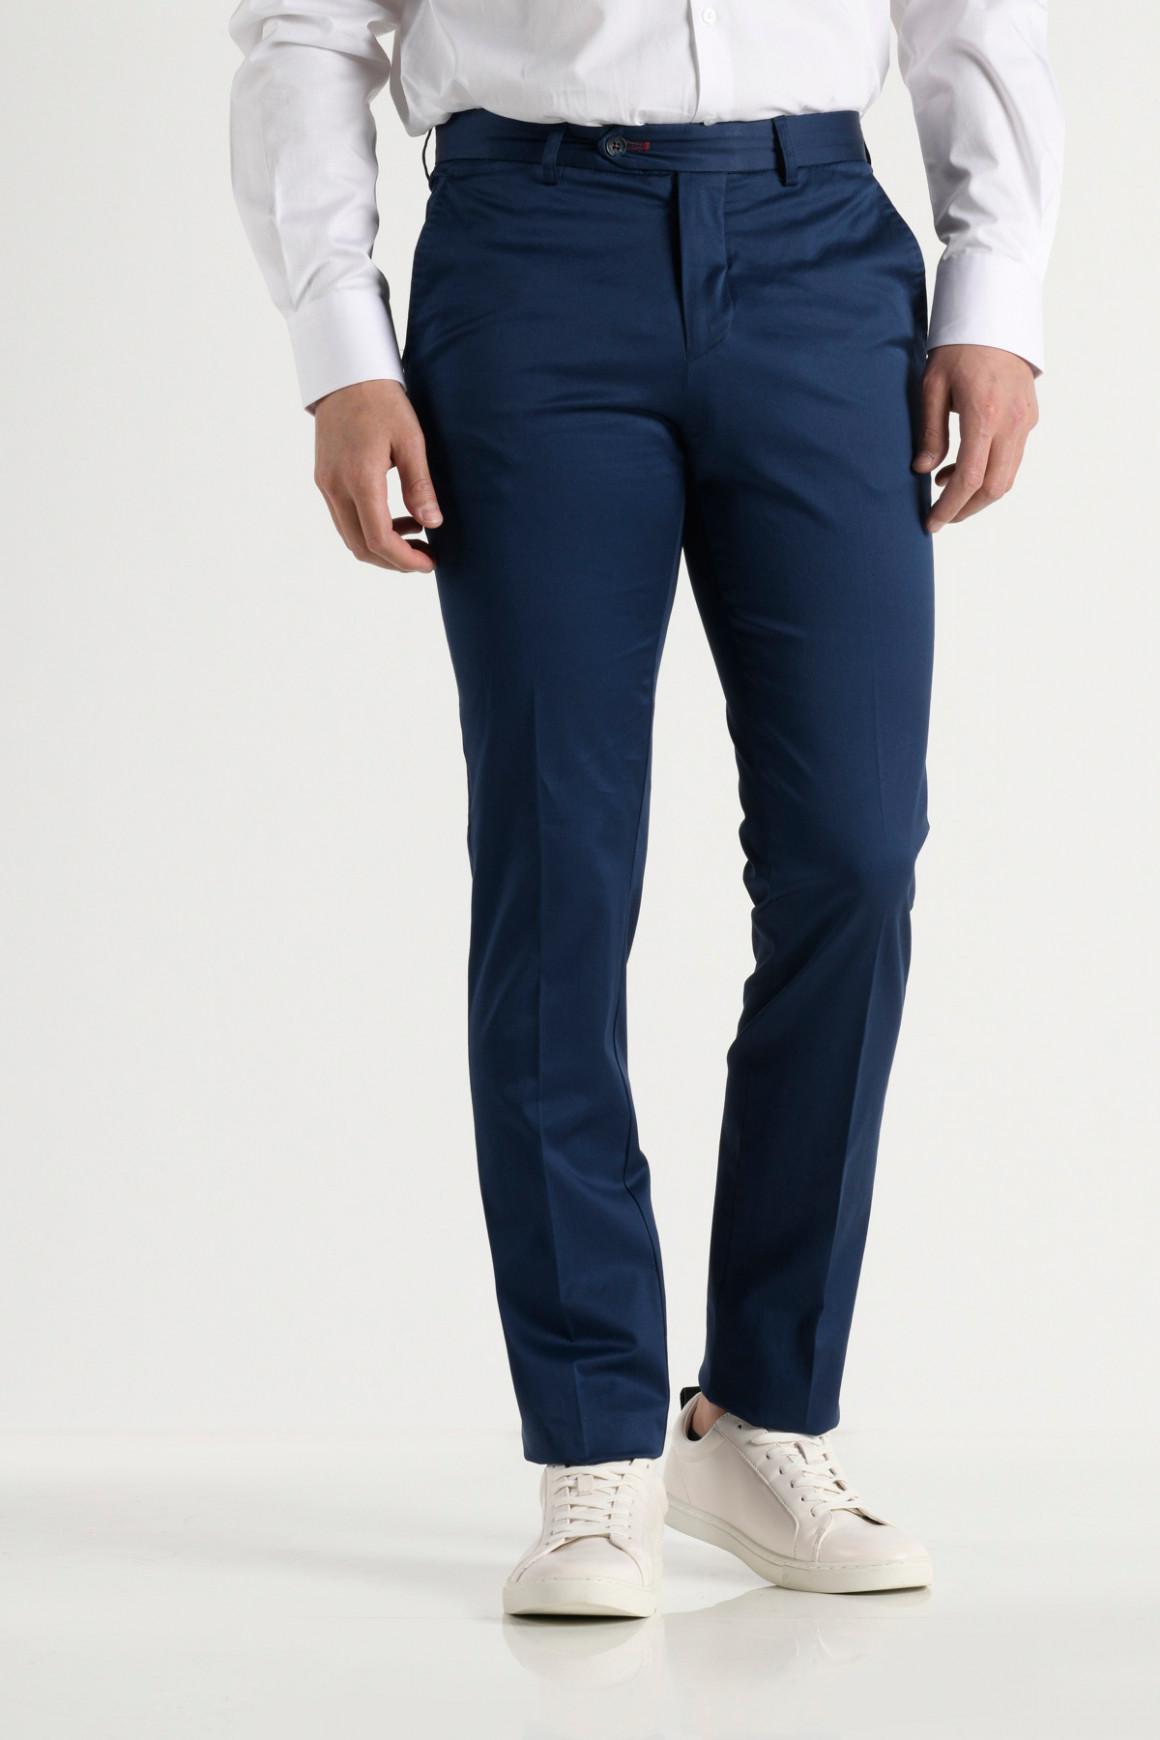 Pantalon VILLE NAVY